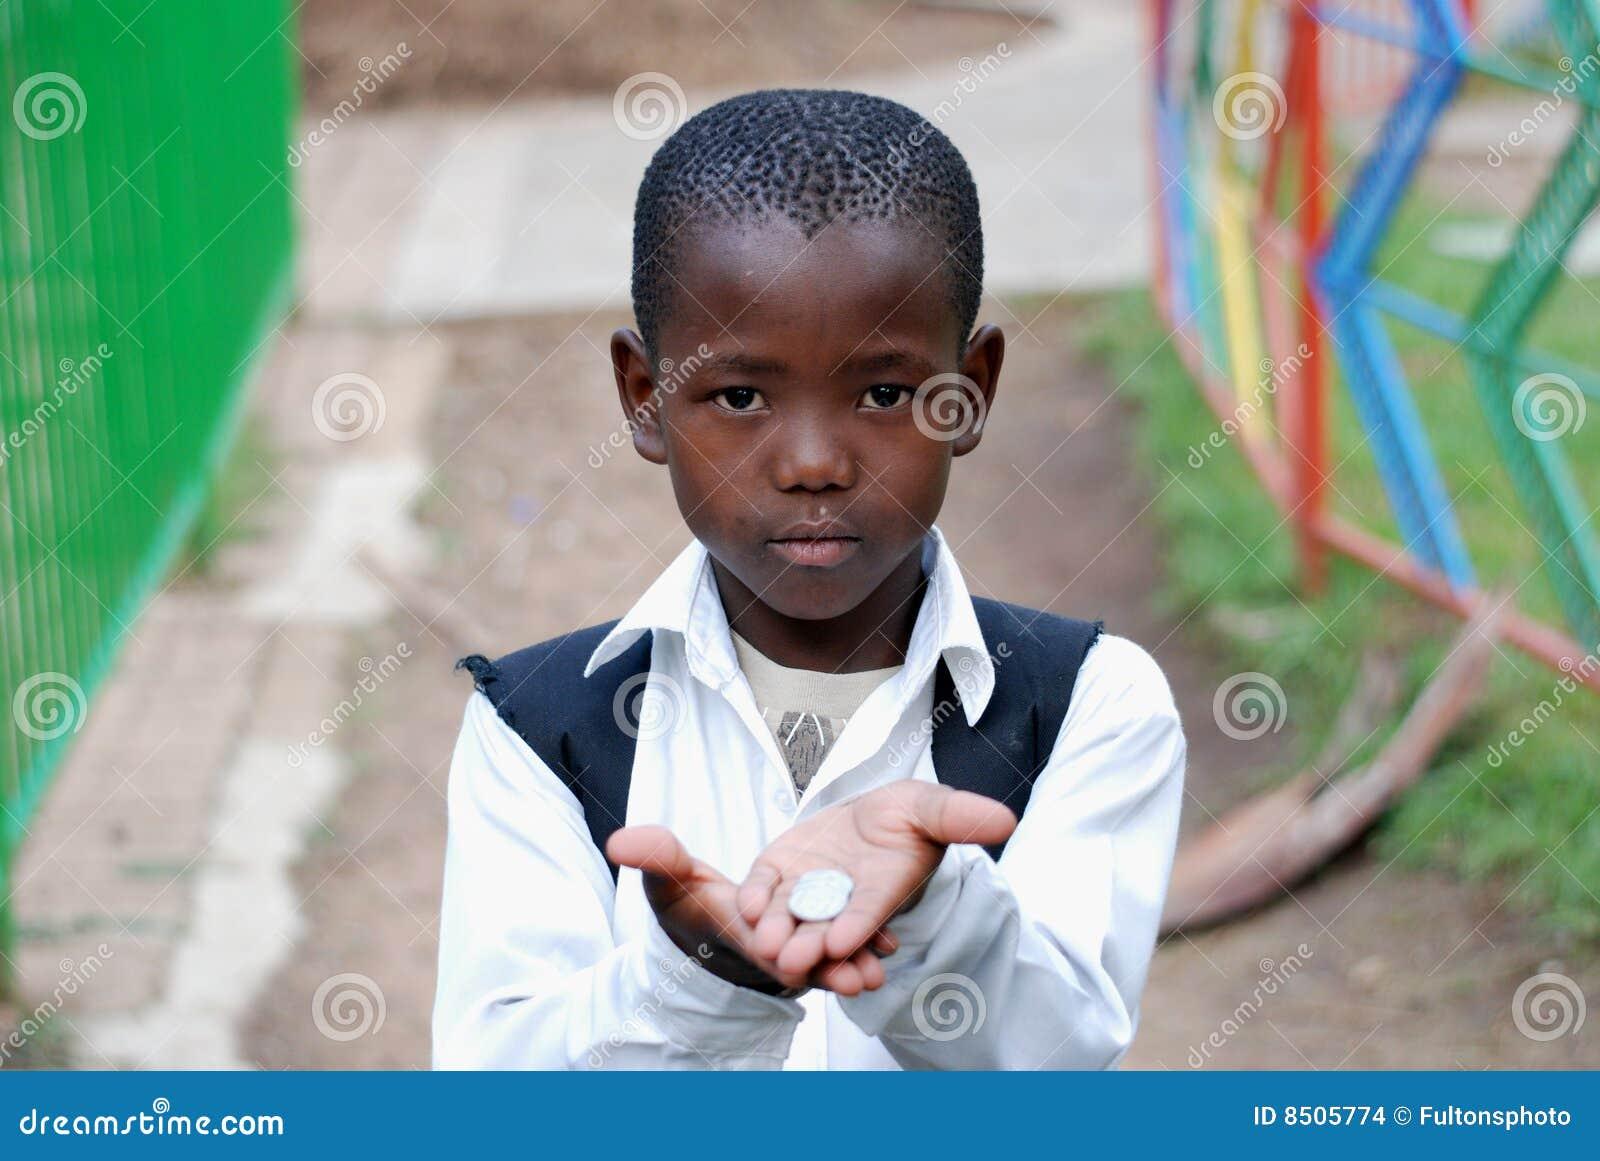 αφρικανικές ρωτώντας σχολικές νεολαίες χρημάτων αγοριών